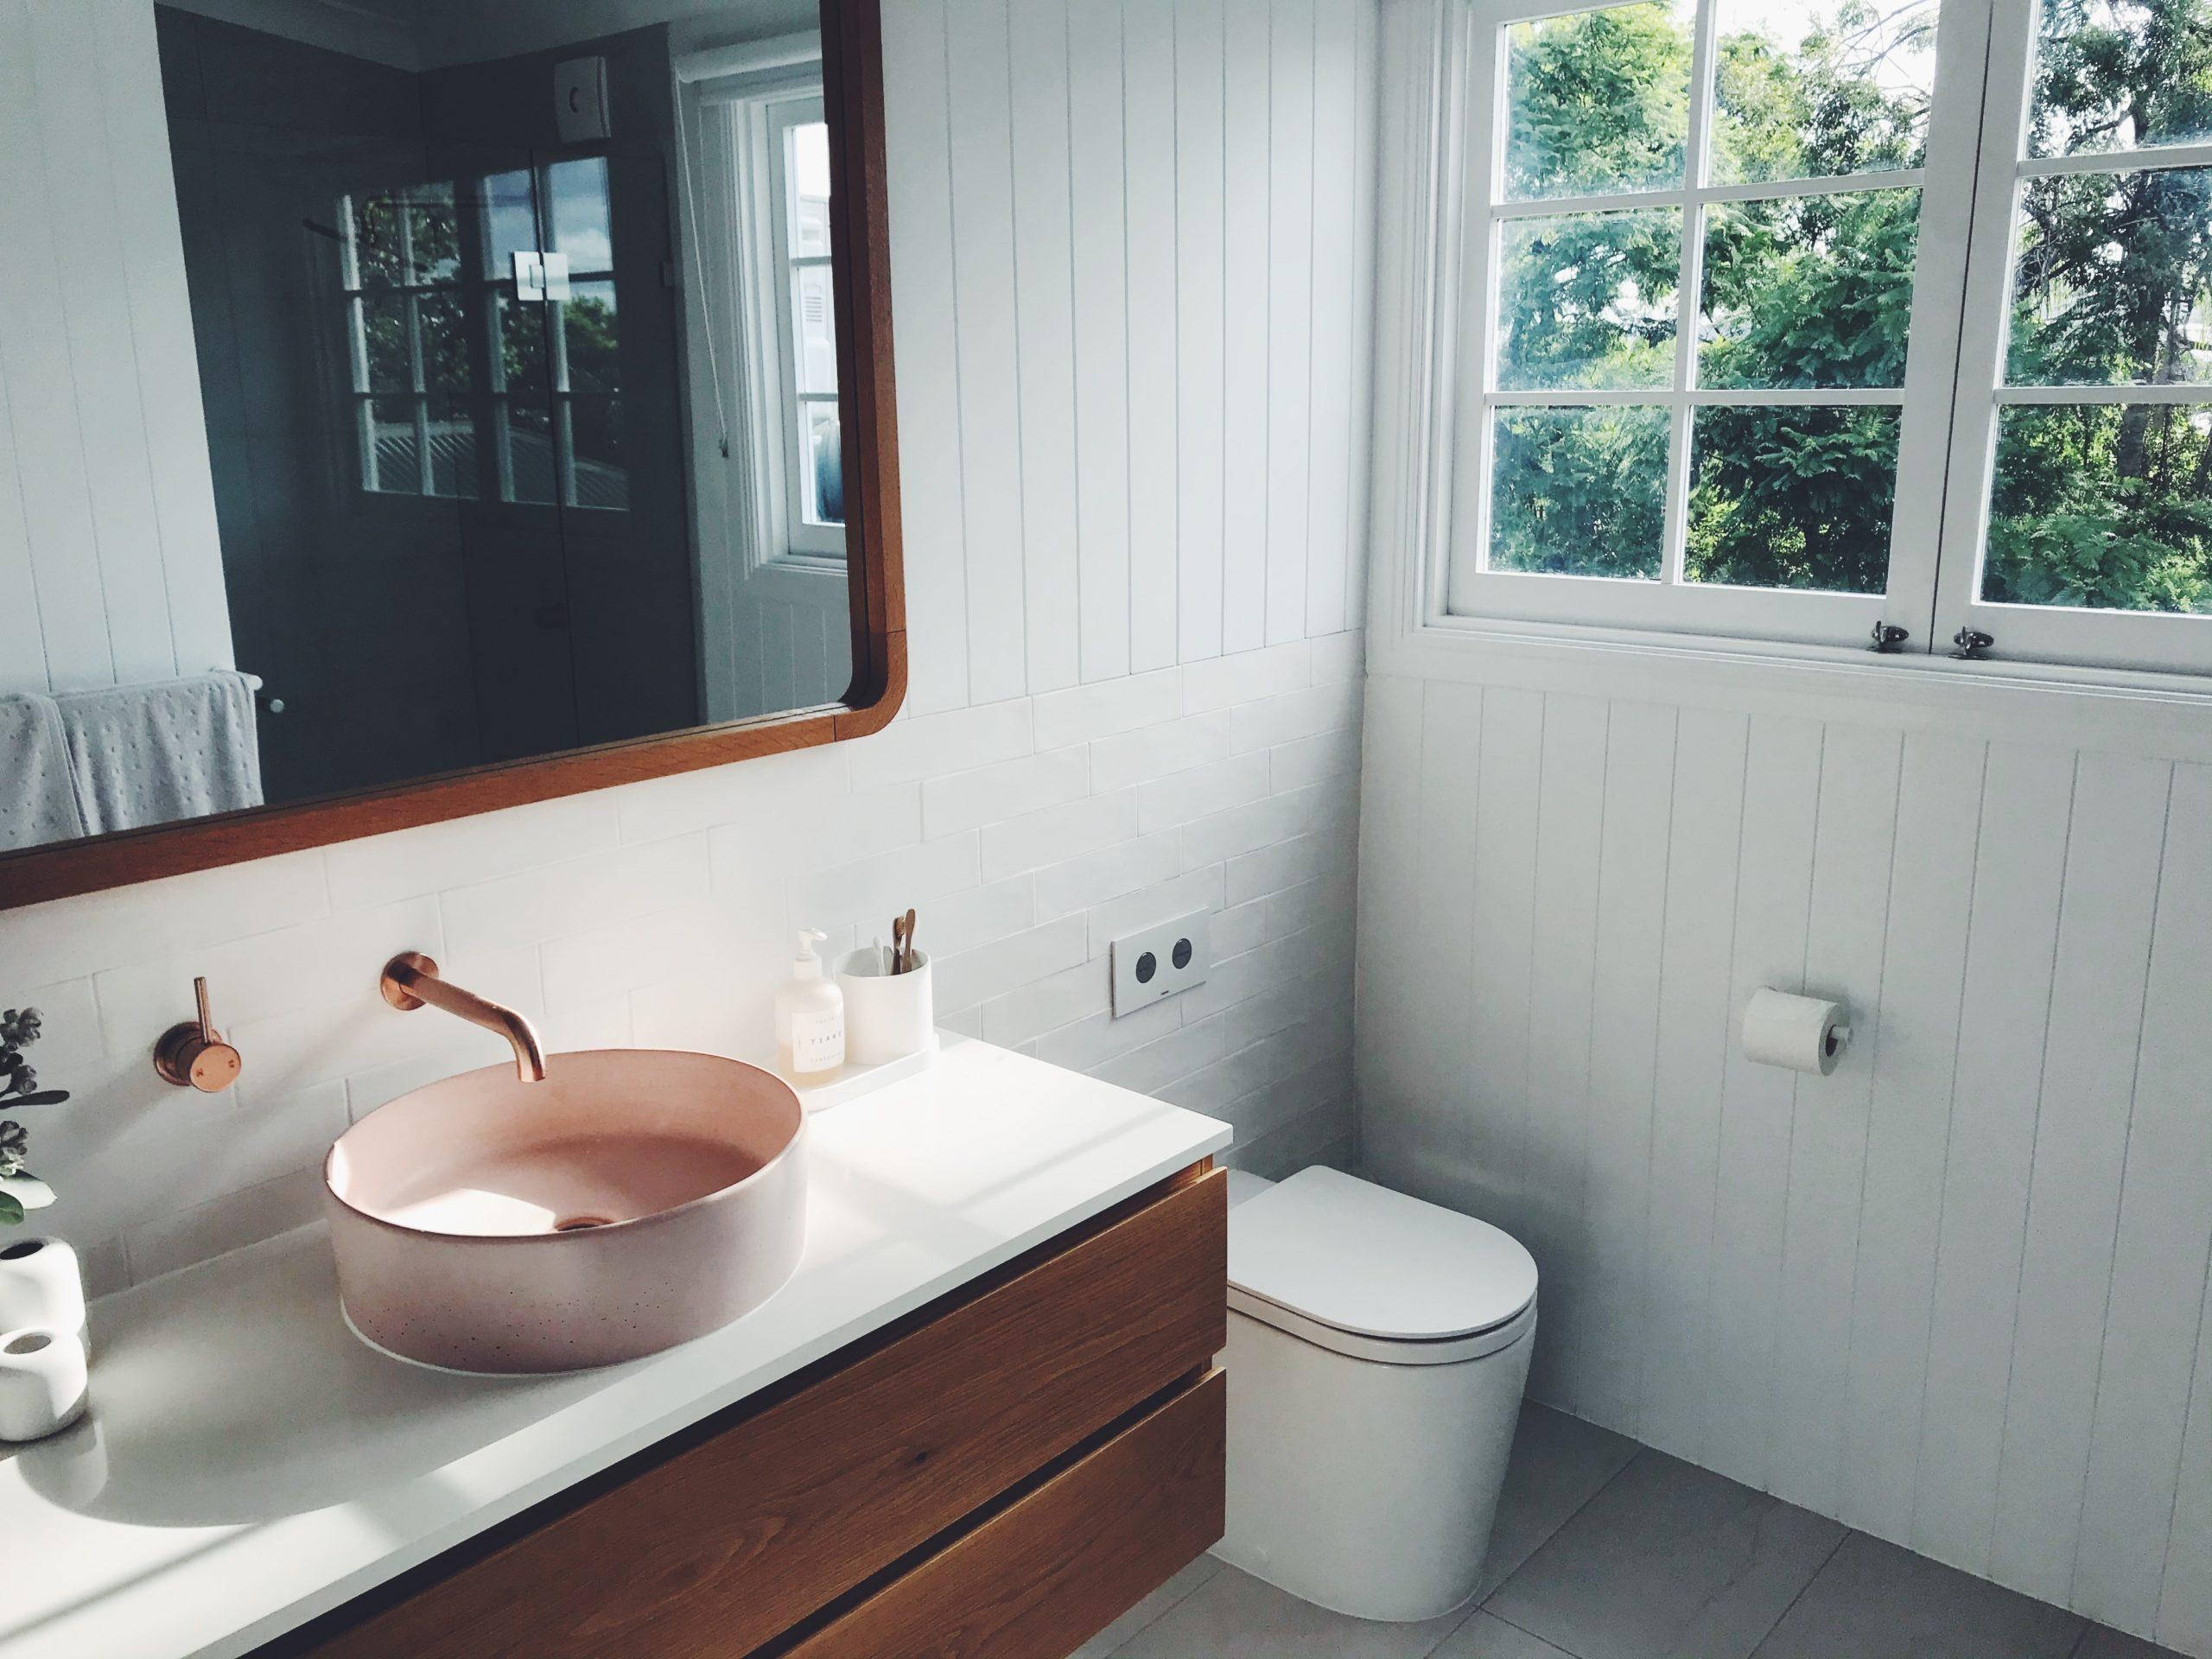 Armaturen in Gold oder anderen Metallic-Farben peppen dein Badezimmer auf